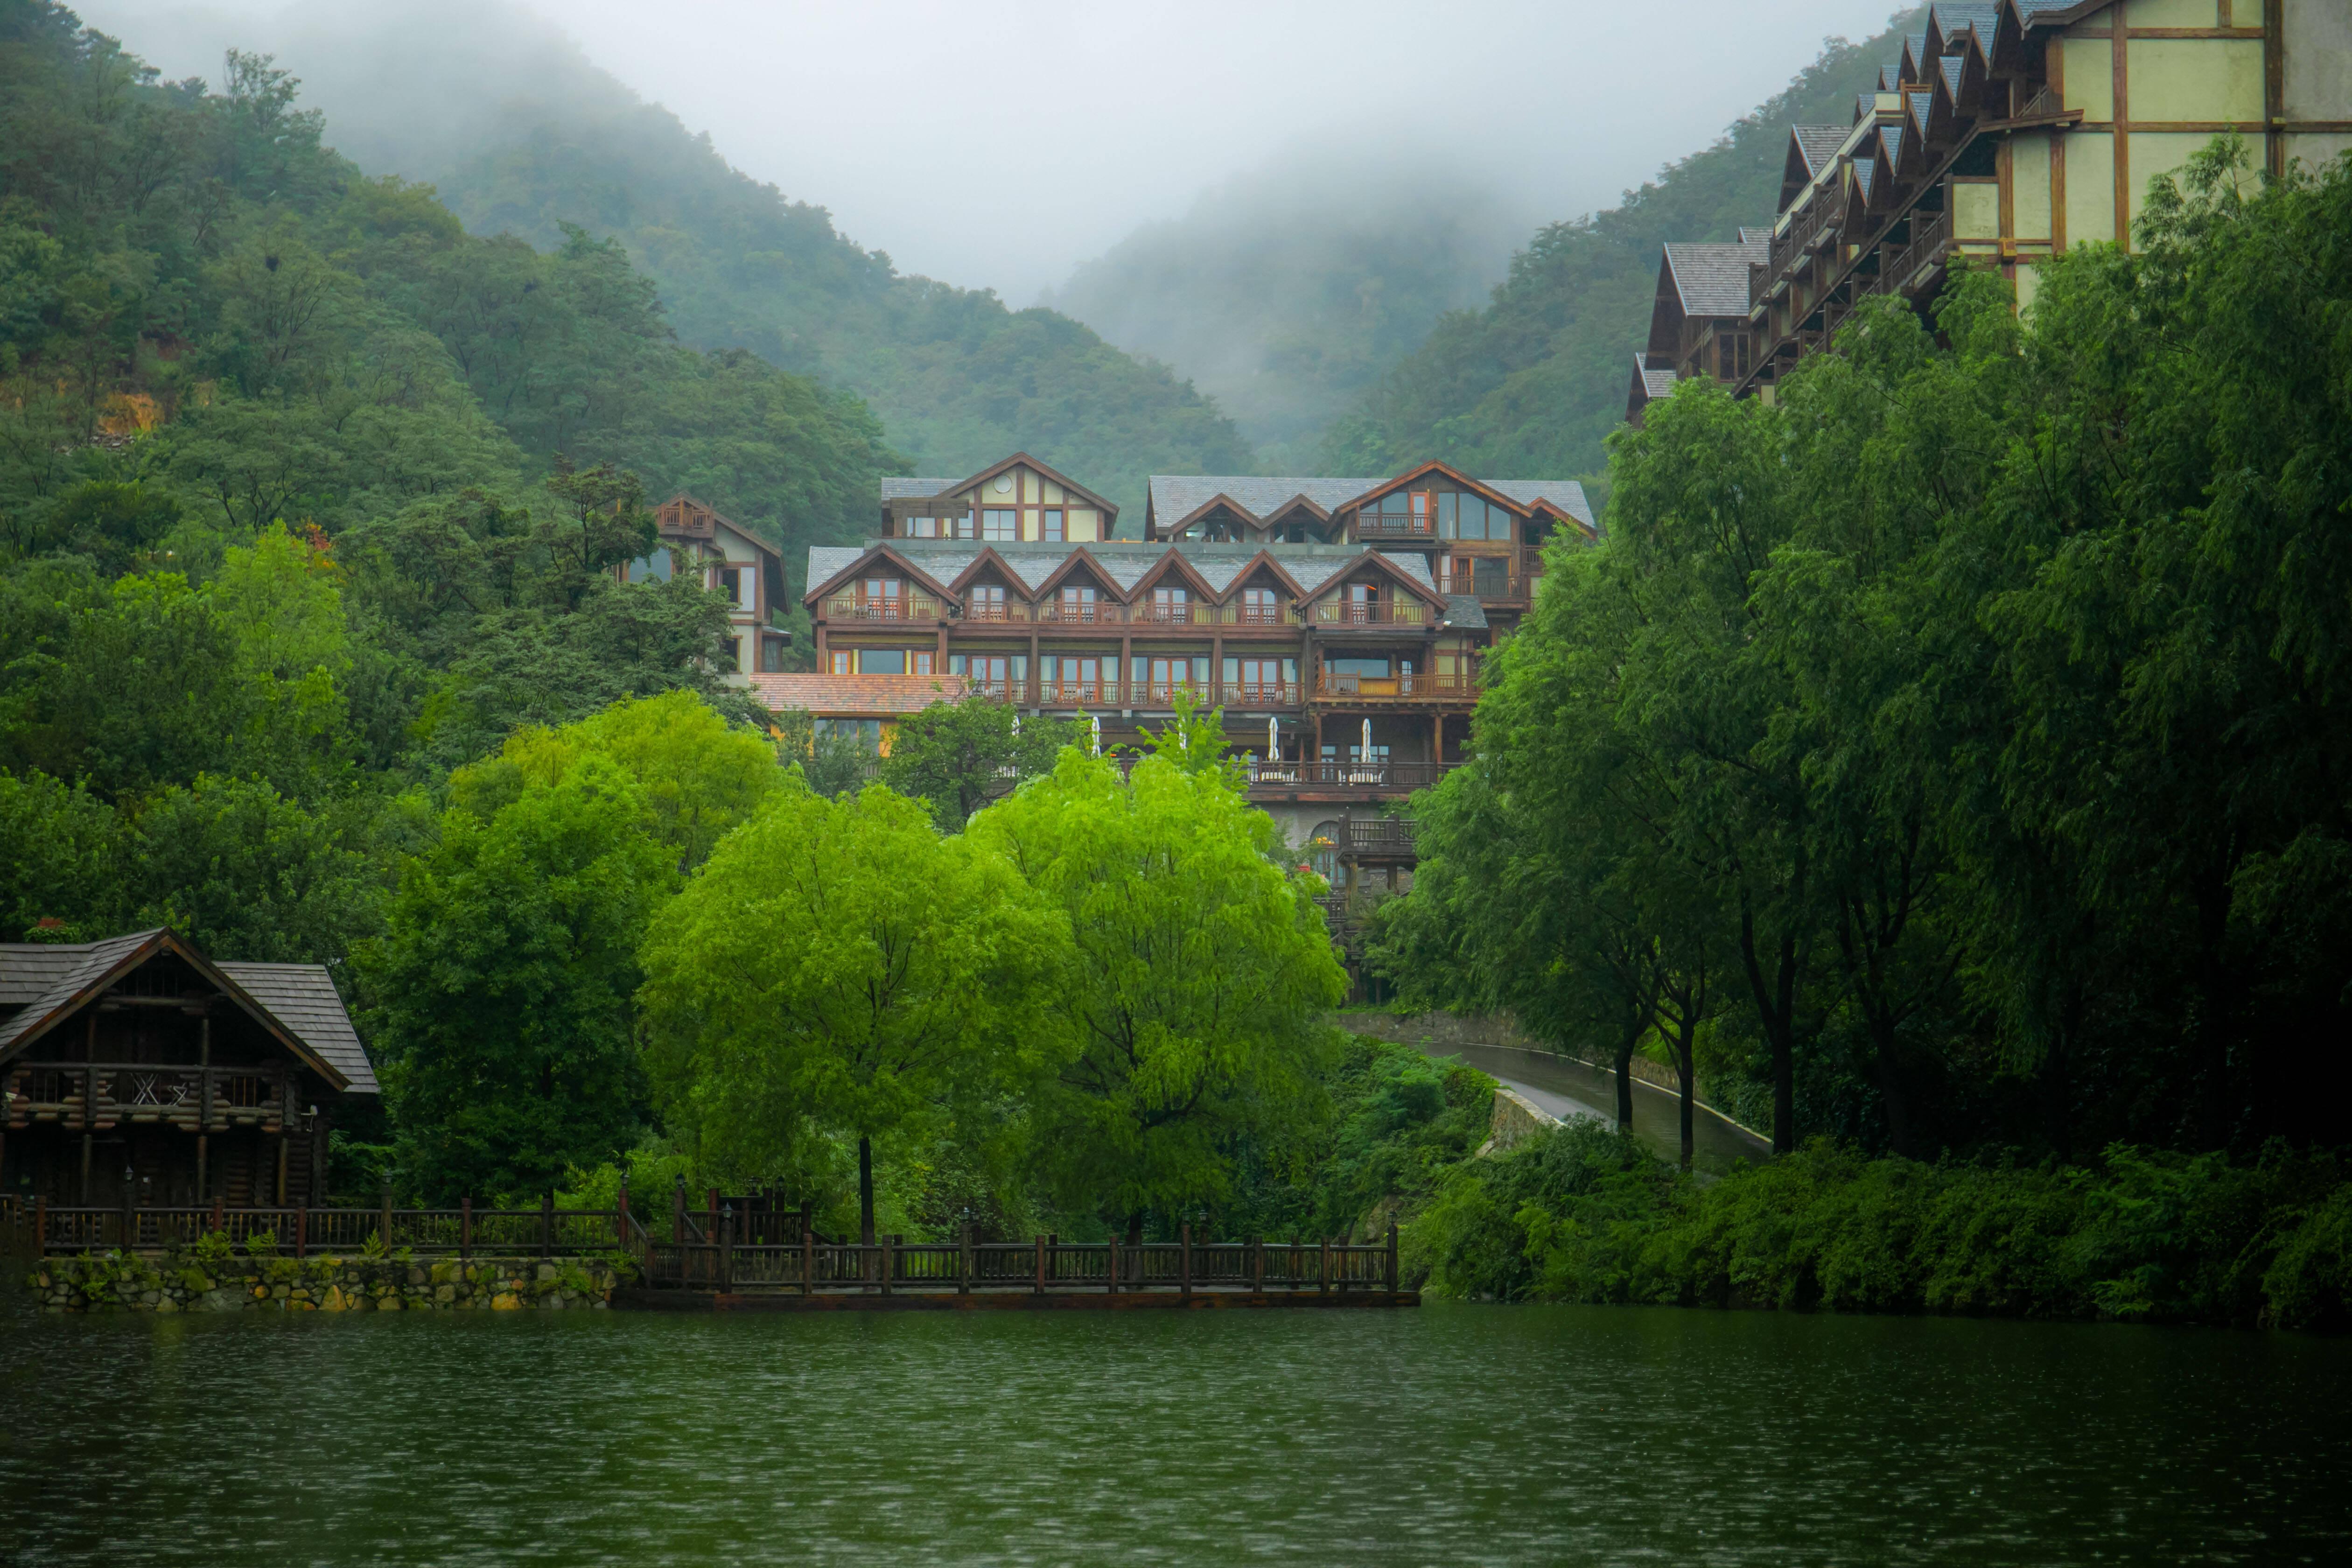 雨中的国庆假期也能玩得嗨 济南九如山带你解锁浪漫爆表新玩法